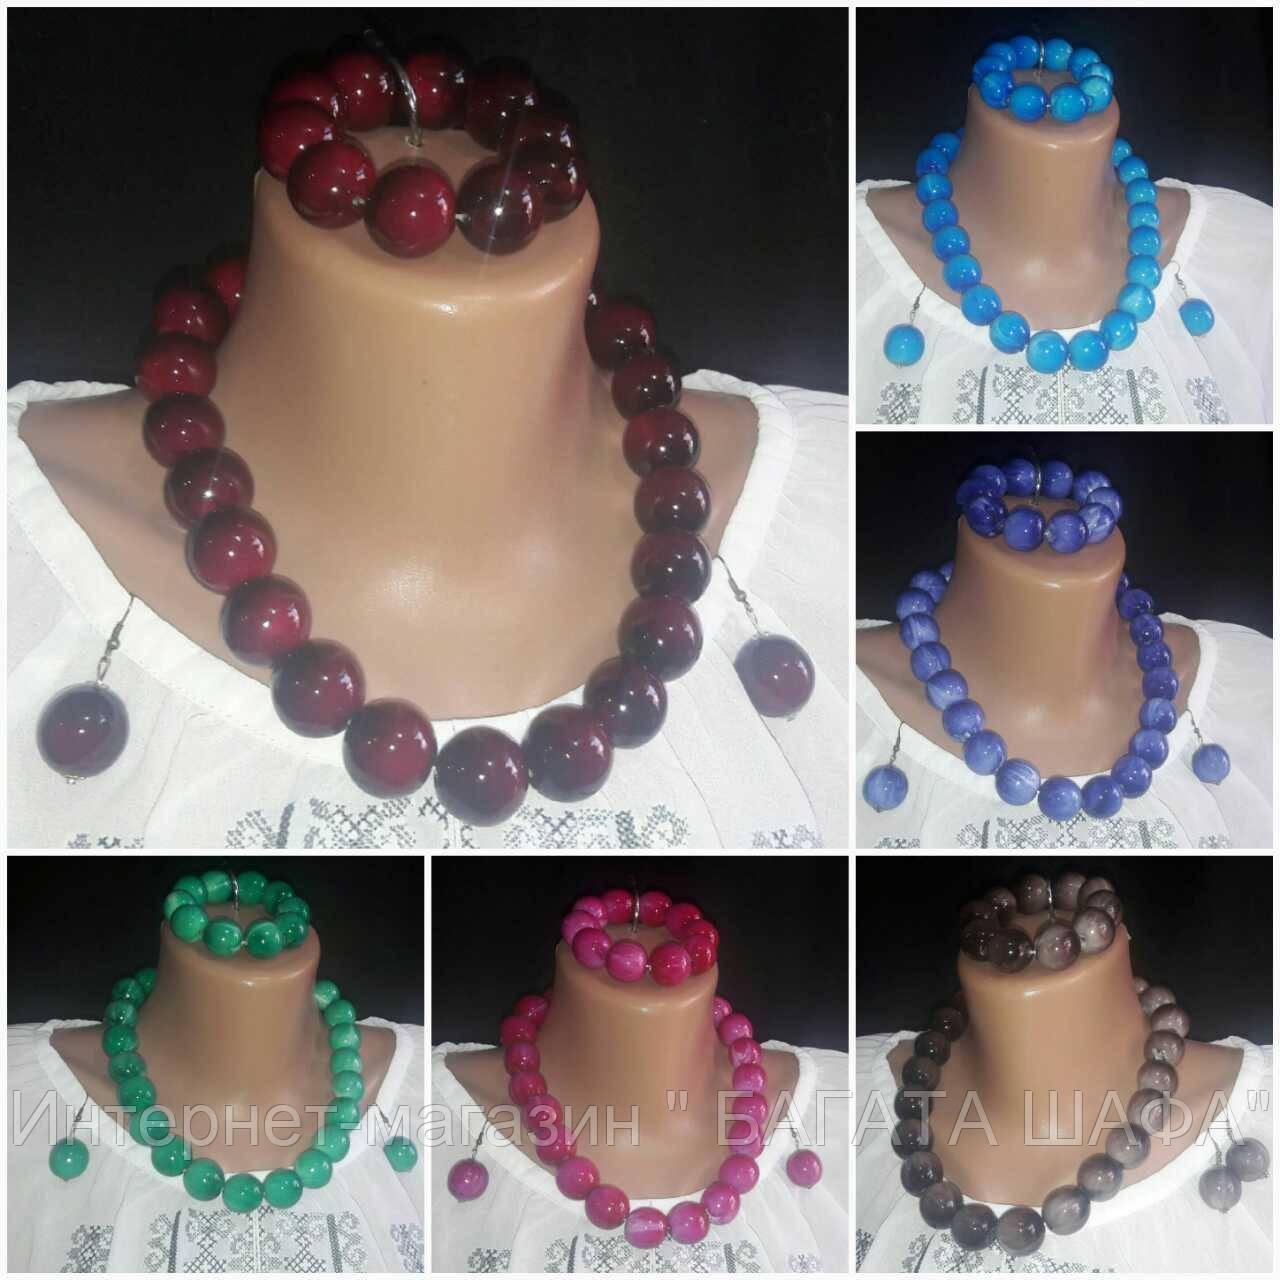 Женский глянцевый комплект цвета бордо: браслет, серьги, бусы, d бусин 2 см, 45/55 (цена за 1 шт.+10 грн)